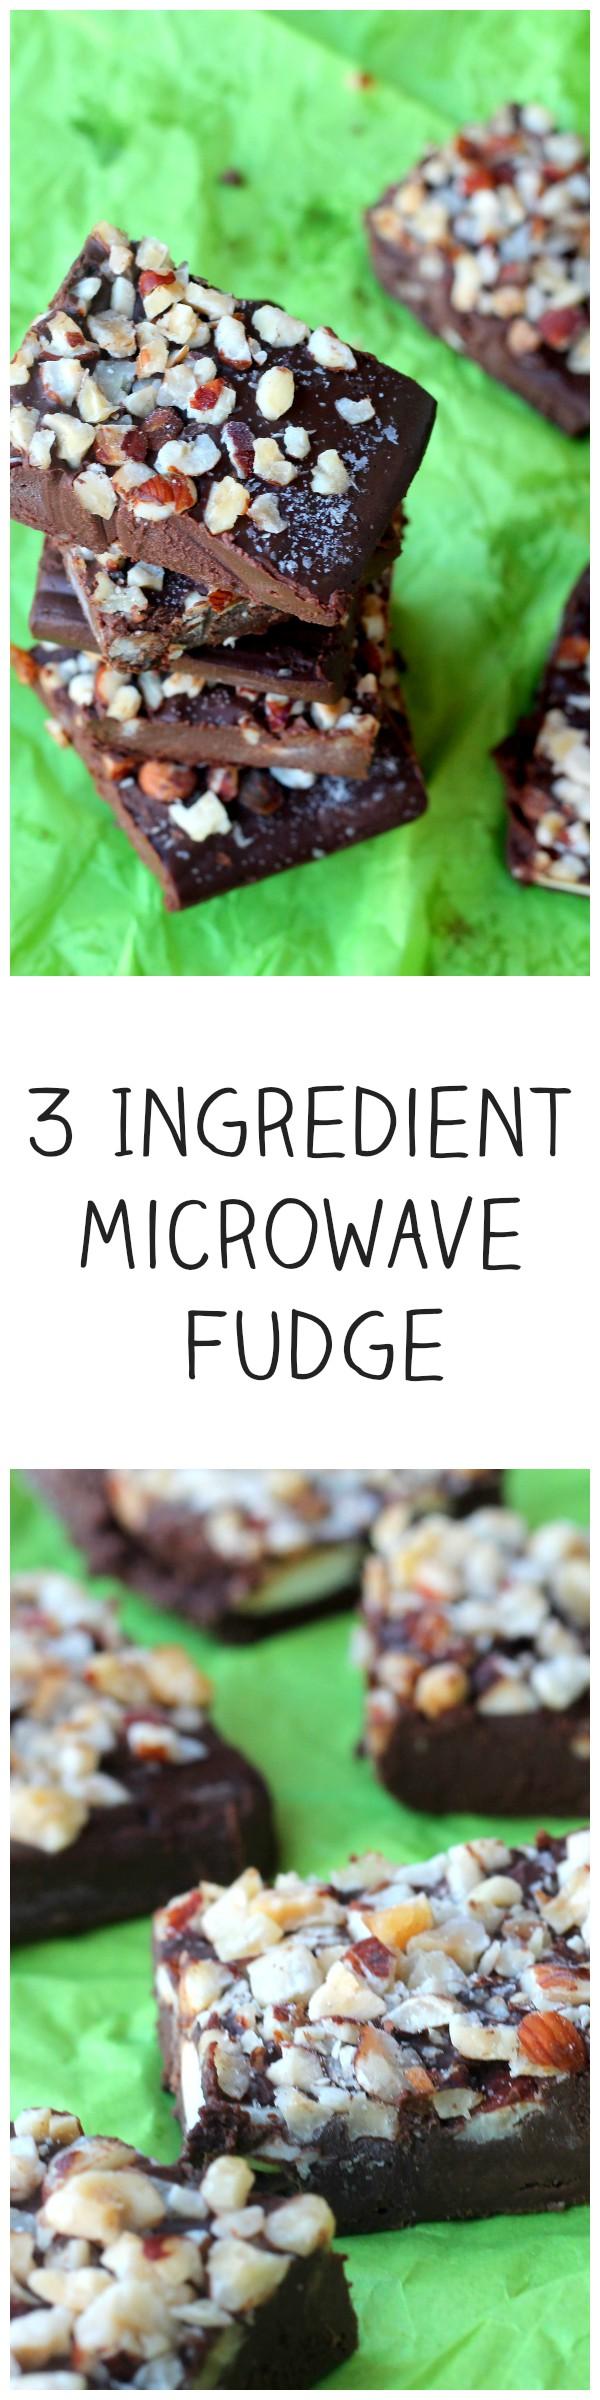 3 Ingredient Microwave Fudge